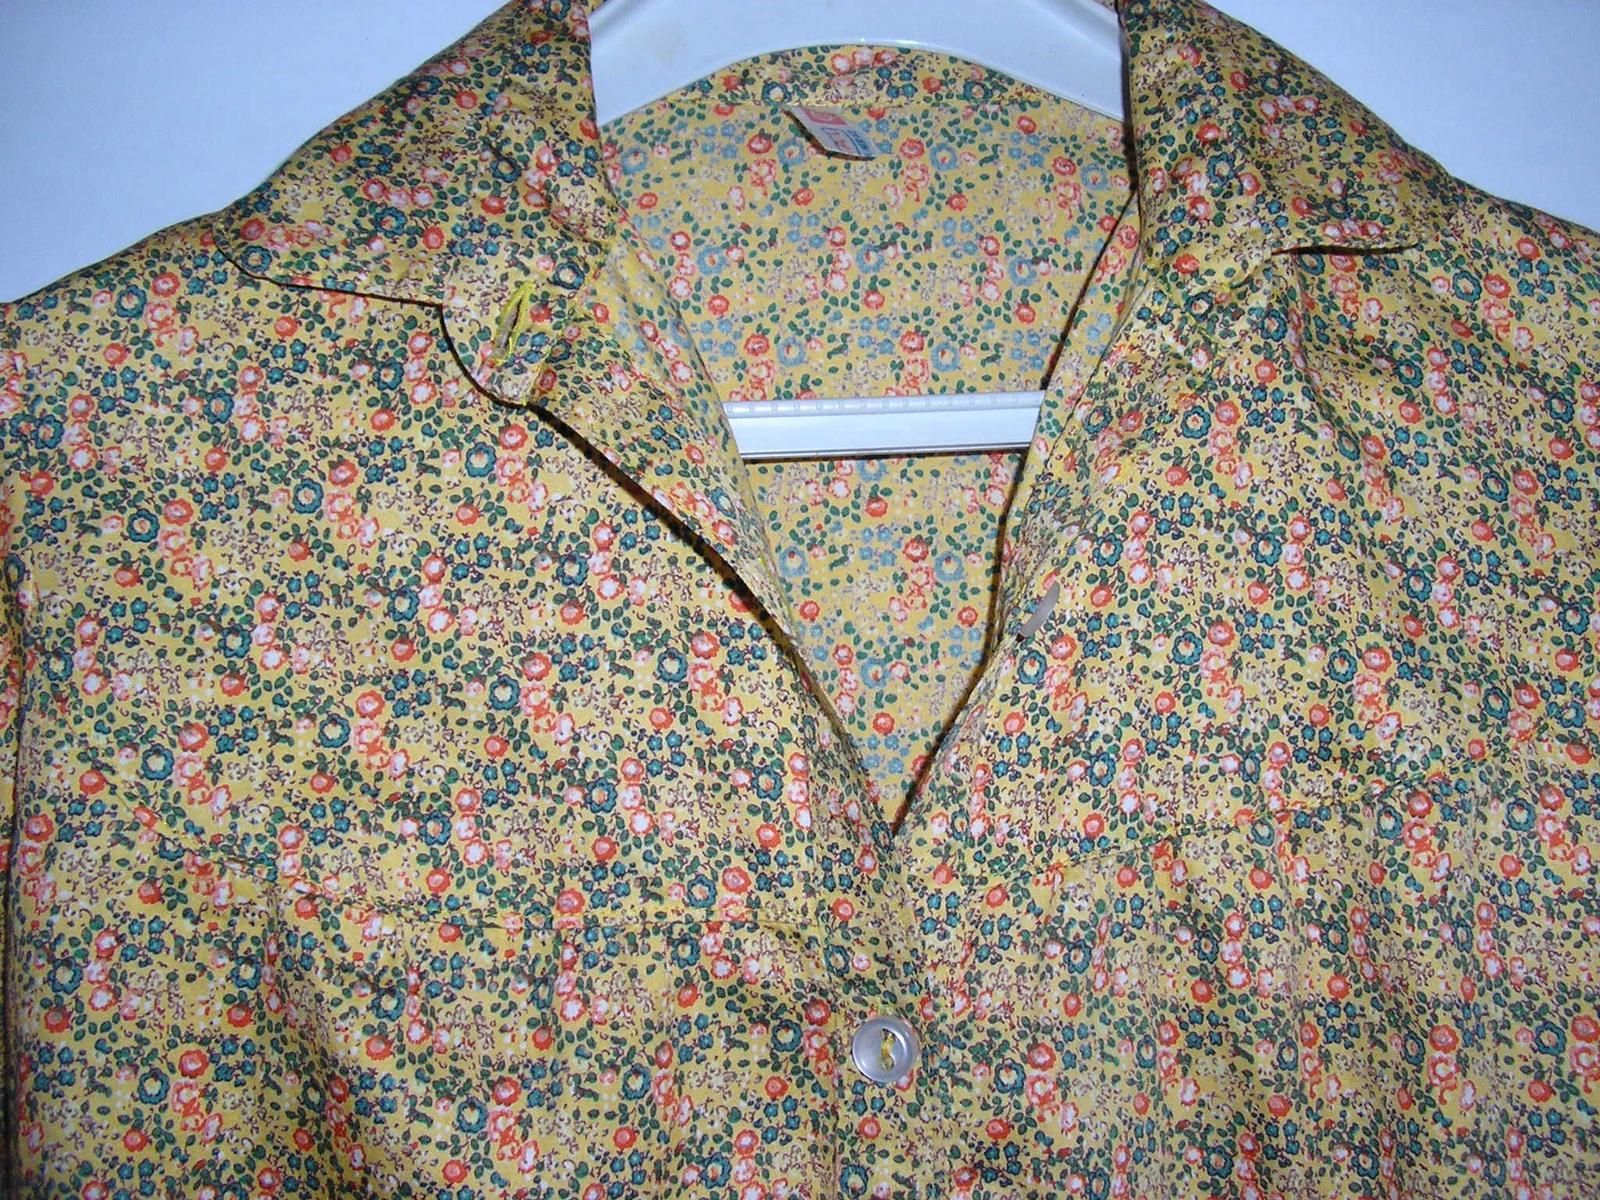 690. Vzorovaná košeľa dámska  - Obrázok č. 1